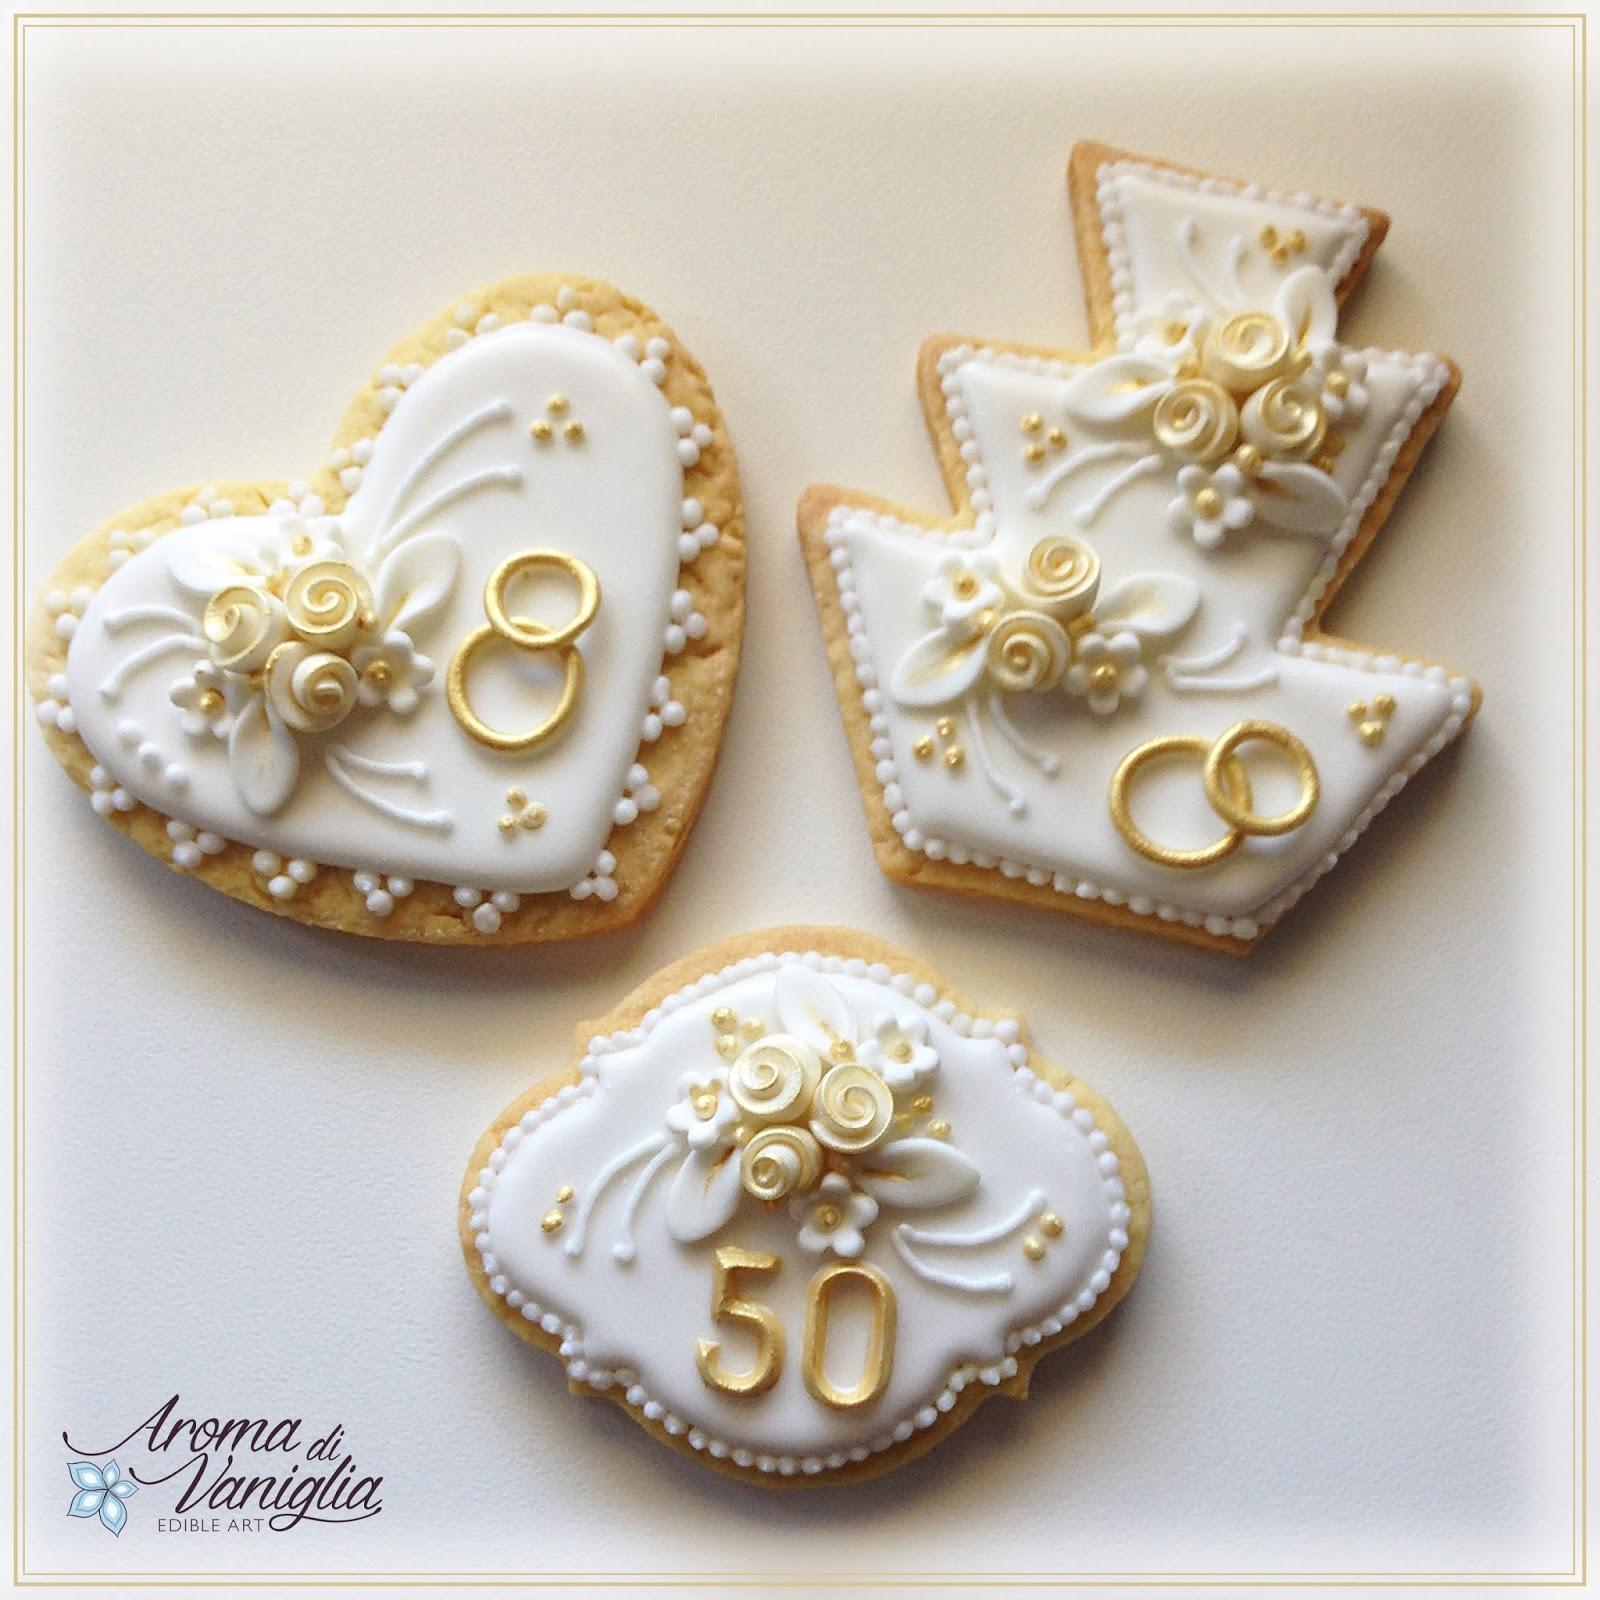 Estremamente aroma di vaniglia: nozze d'oro EW58